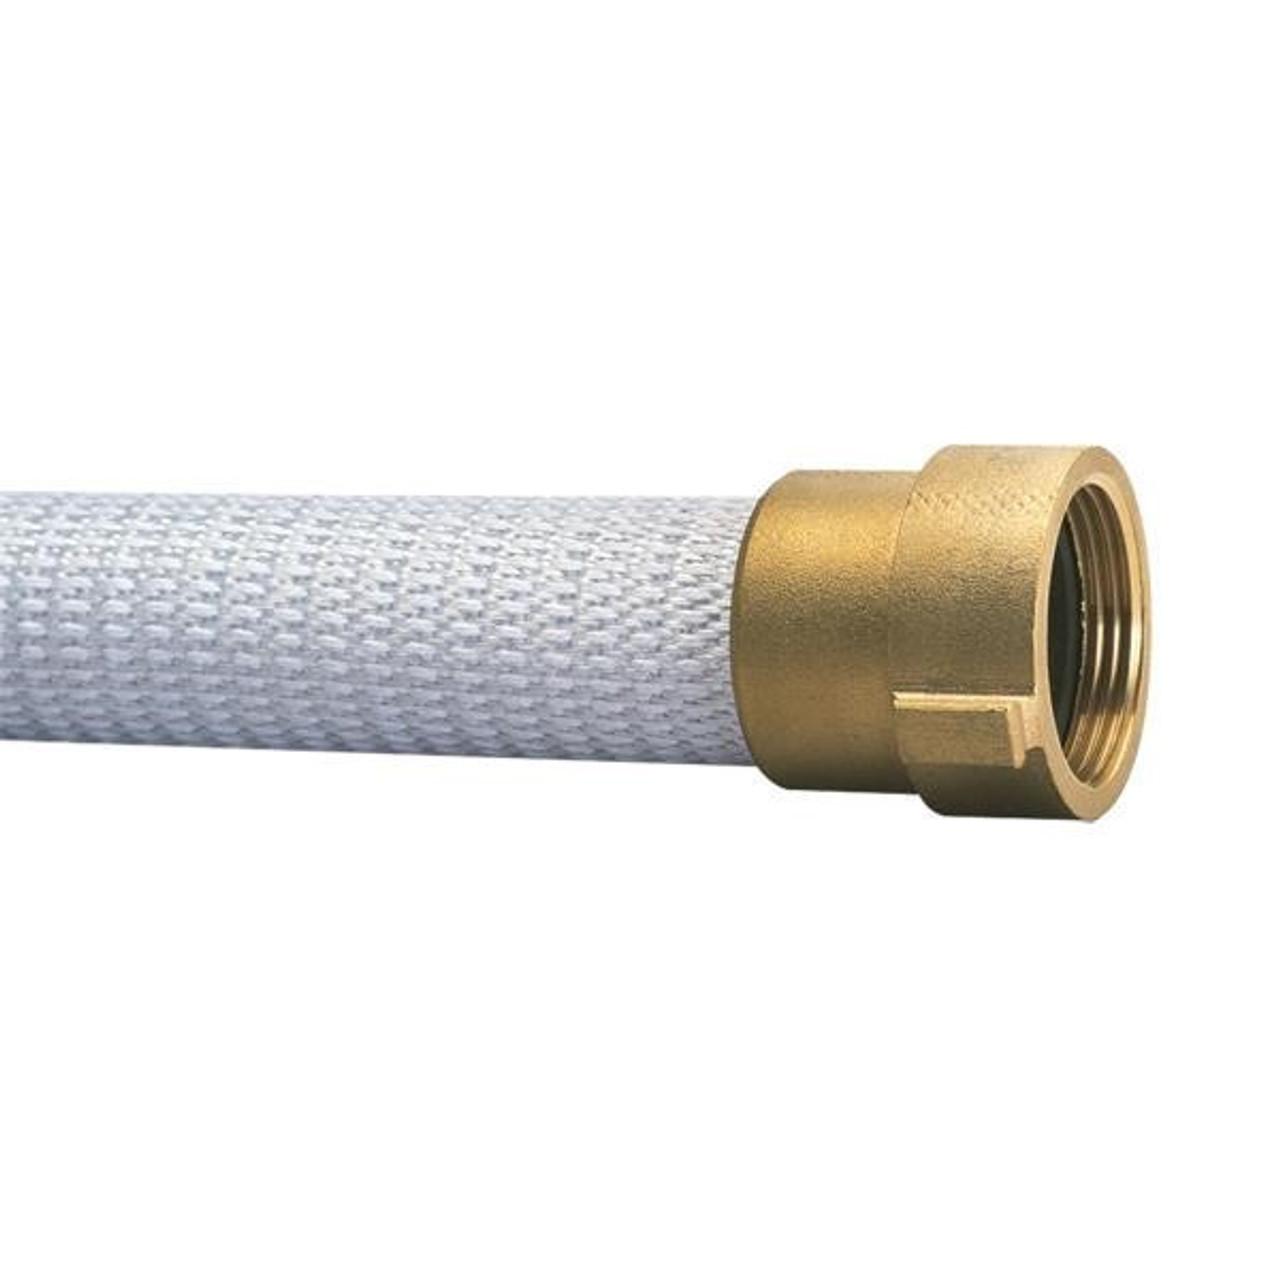 1 Unit Brass NPSH Coupled FireTech Rack /& Reel Hose 1 1//2 x 75,